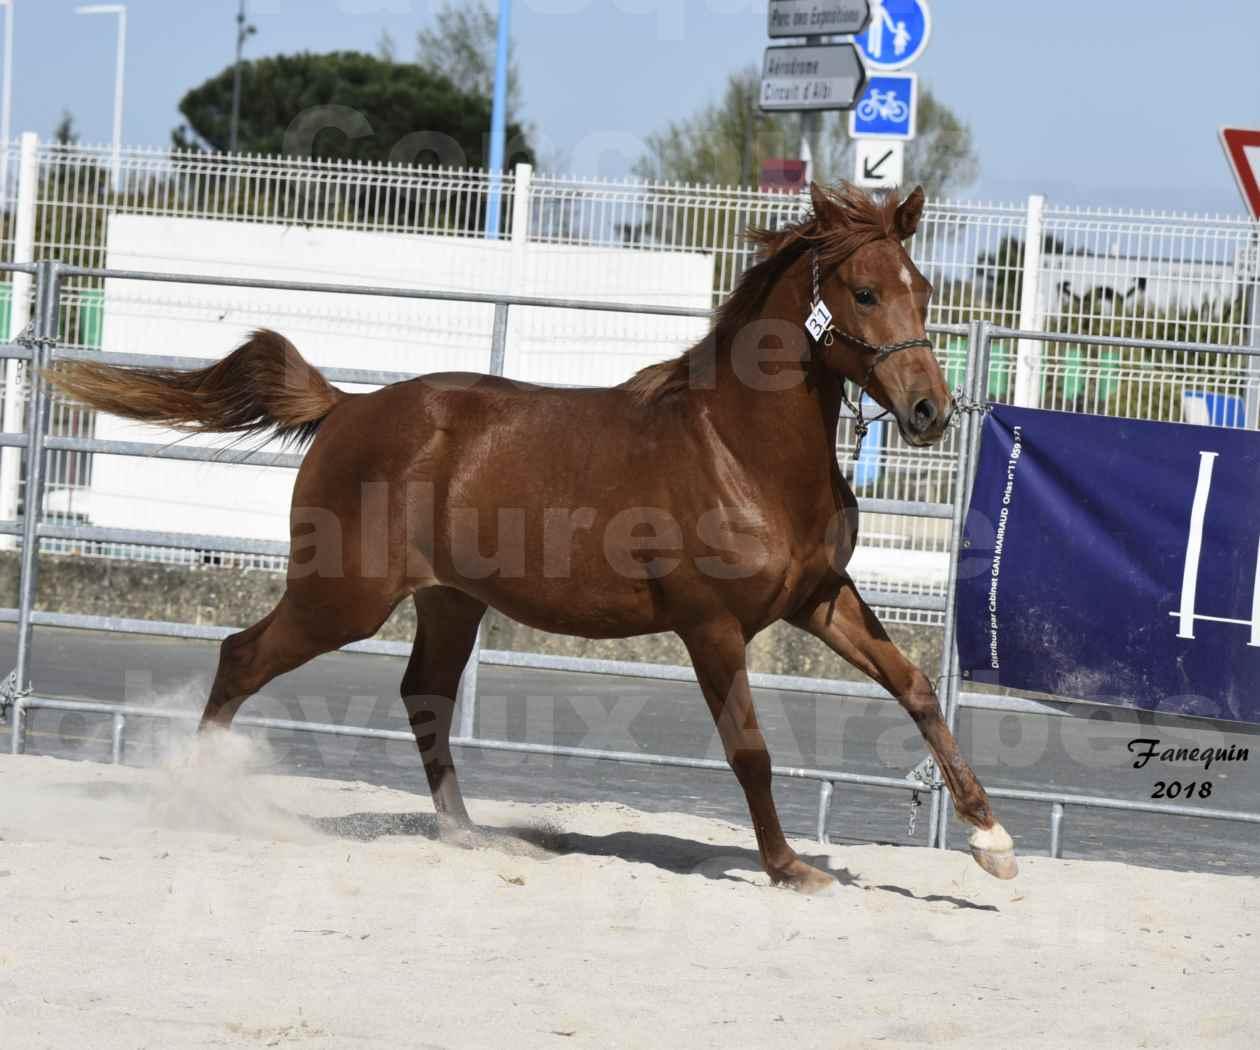 Concours d'élevage de Chevaux Arabes - D. S. A. - A. A. - ALBI les 6 & 7 Avril 2018 - GRIOU DU GRIOU - Notre Sélection - 4